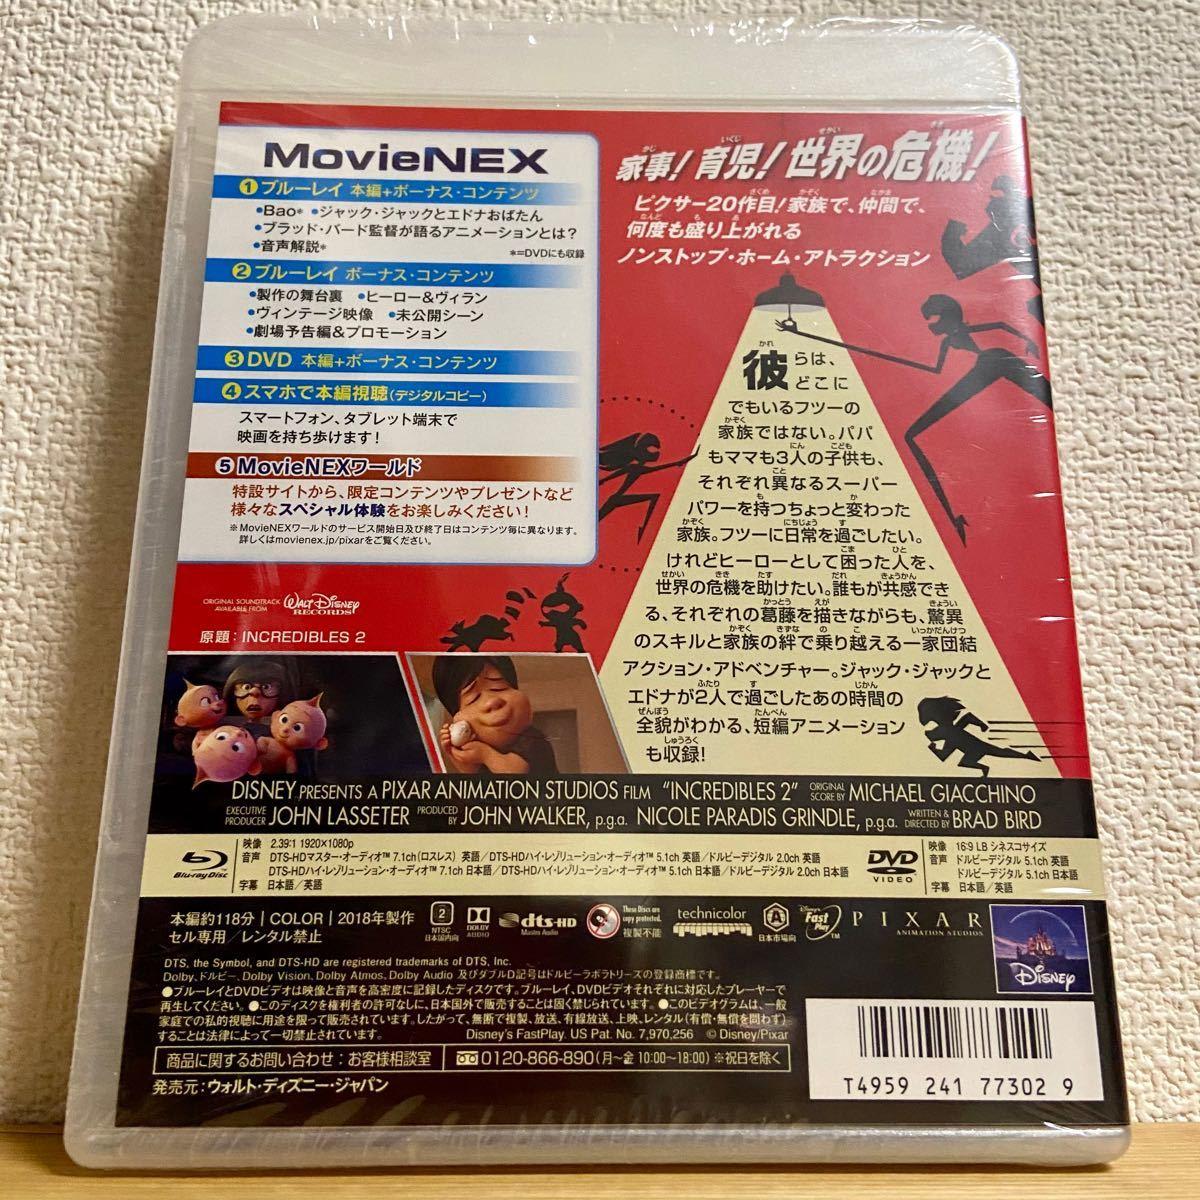 インクレディブル・ファミリー ブルーレイ+特典ディスク+純正ケース